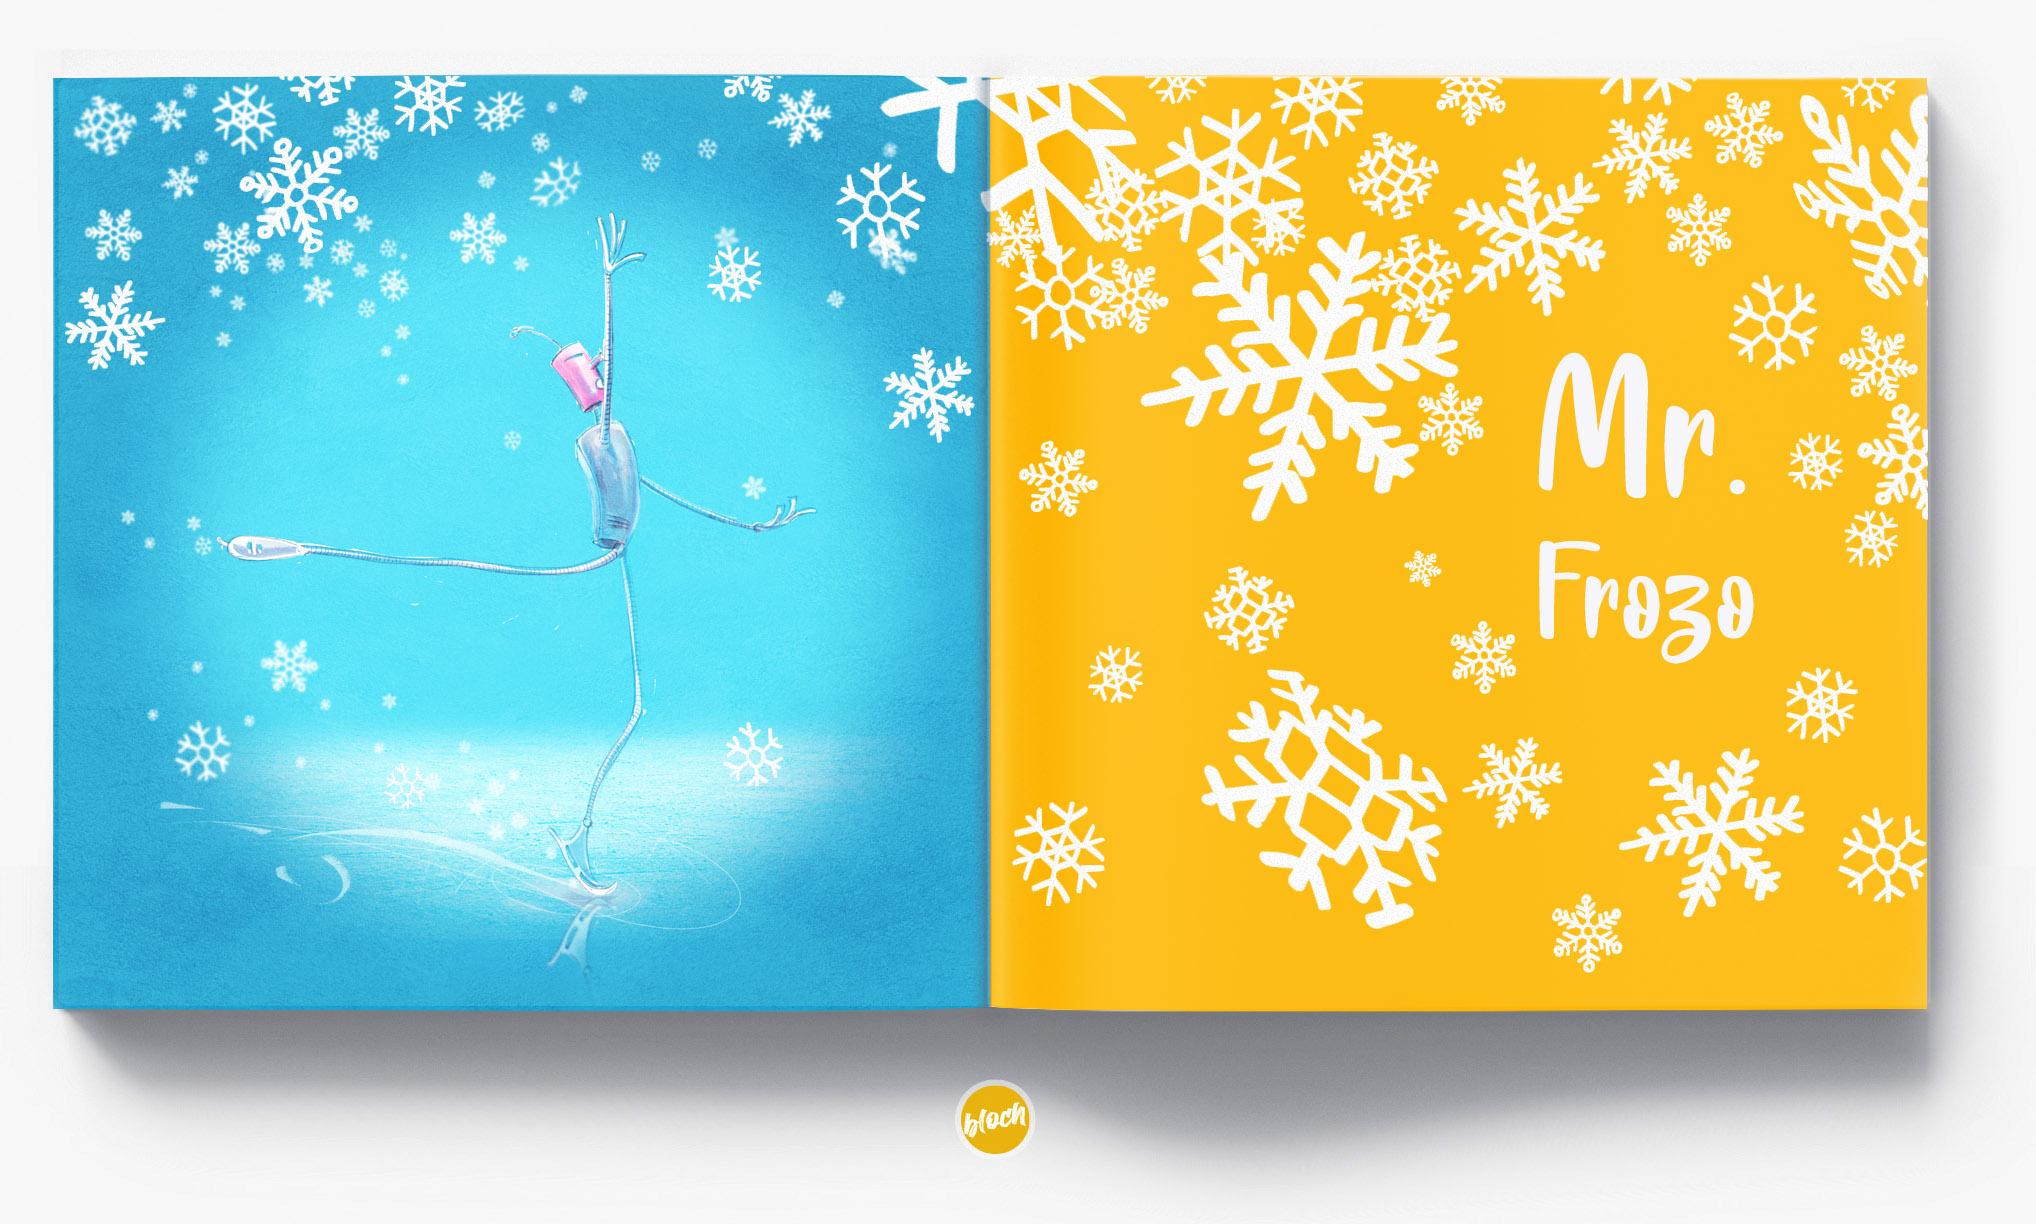 Robot Mr. Frozo,rysunki, ilustracje reklamowe, storyboard, digital draw, ilustracja, rysunek - digital draw, concept art